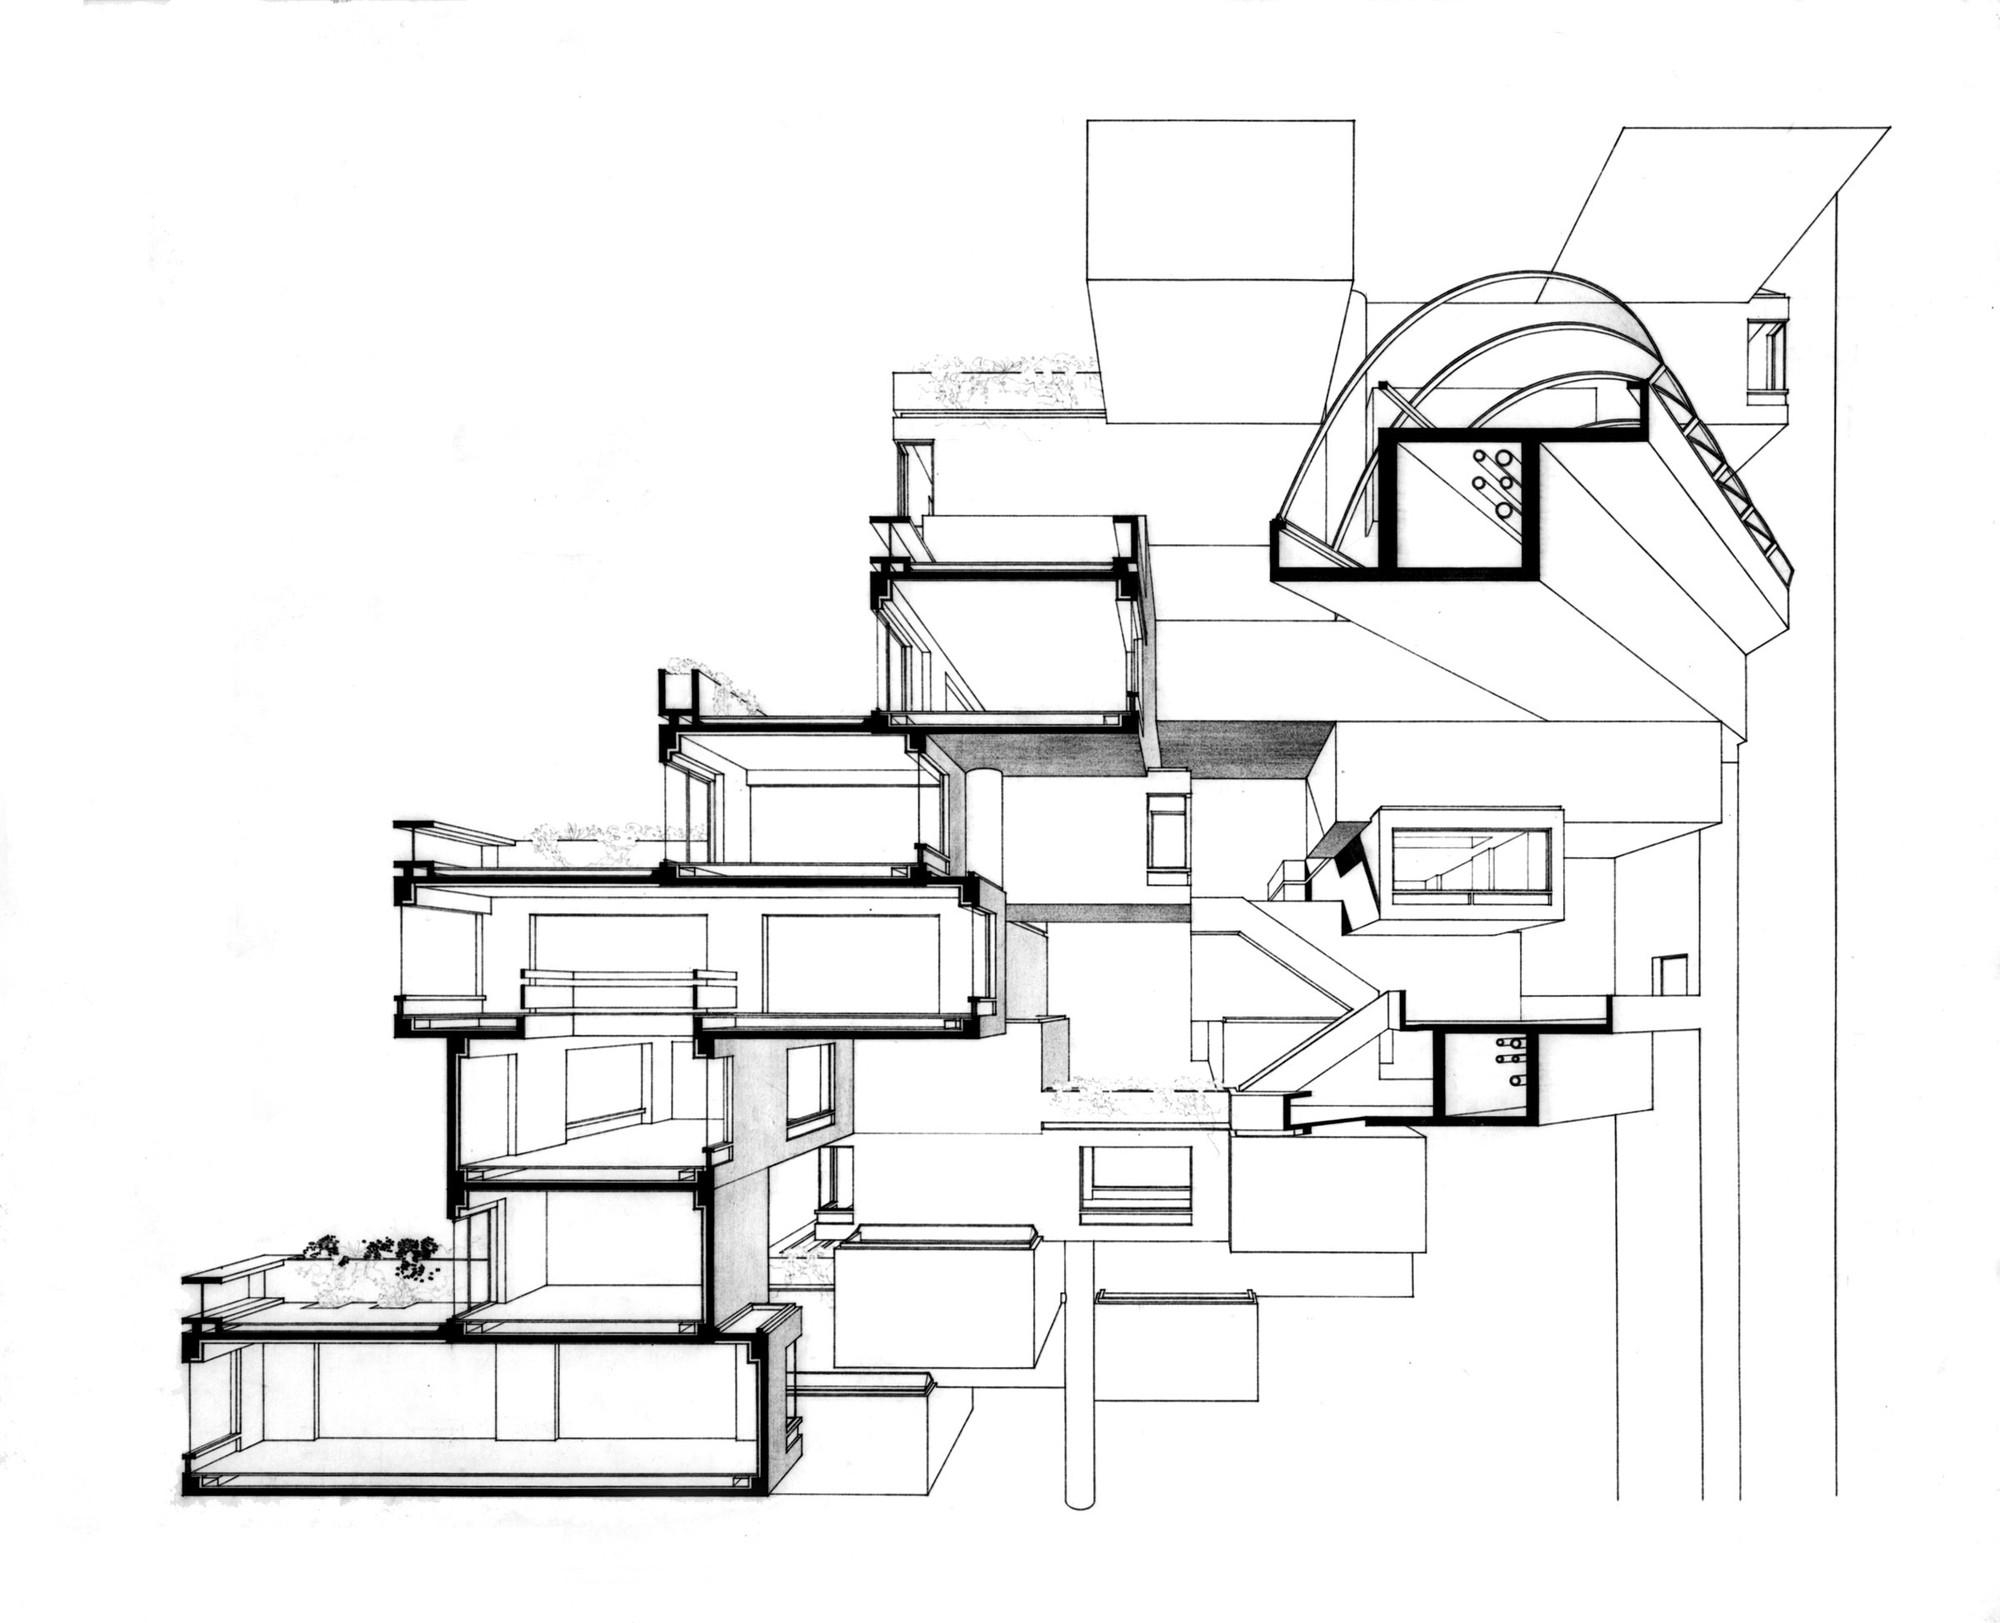 Cl sicos de arquitectura h bitat 67 moshe safdie plataforma arquitectura for Interior design services plano